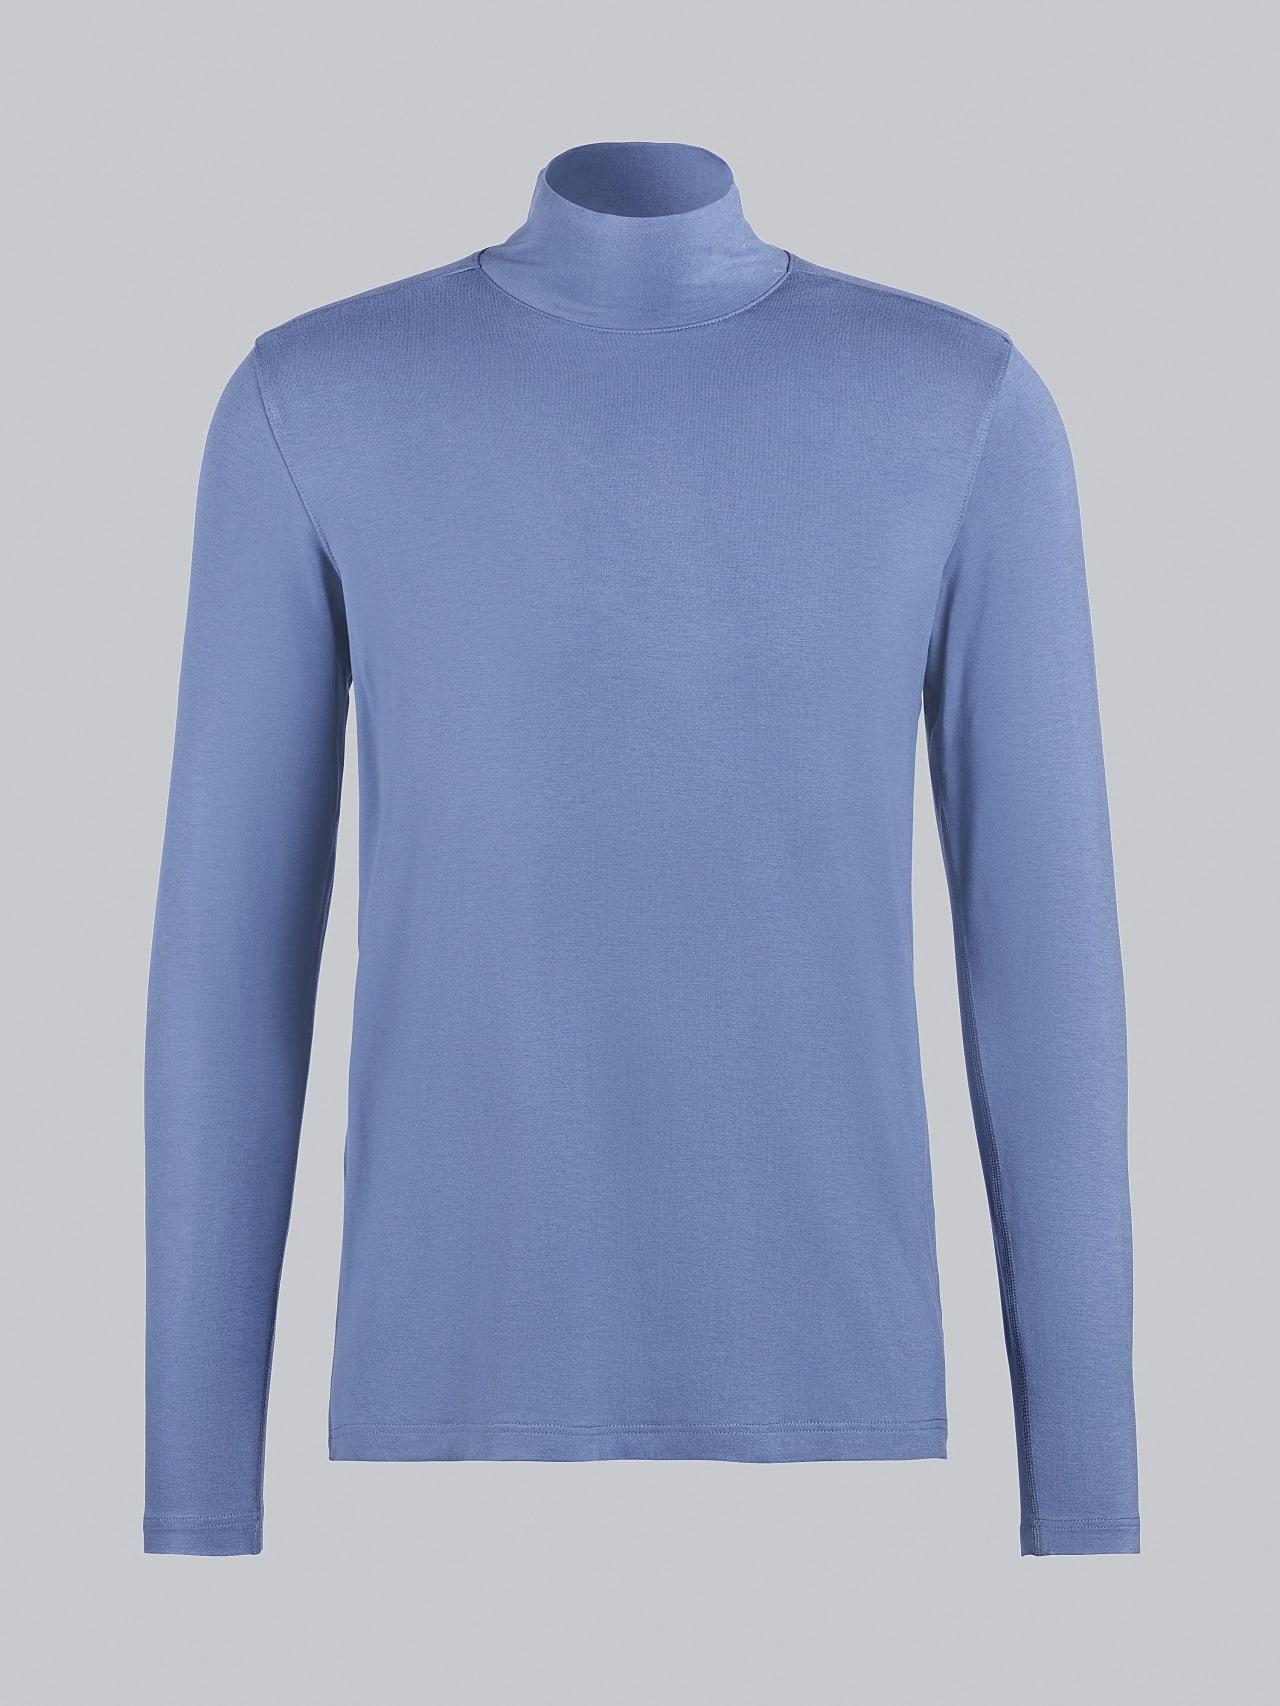 SIJUX V1.Y5.02 Funnel Neck Longsleeve light blue Back Alpha Tauri